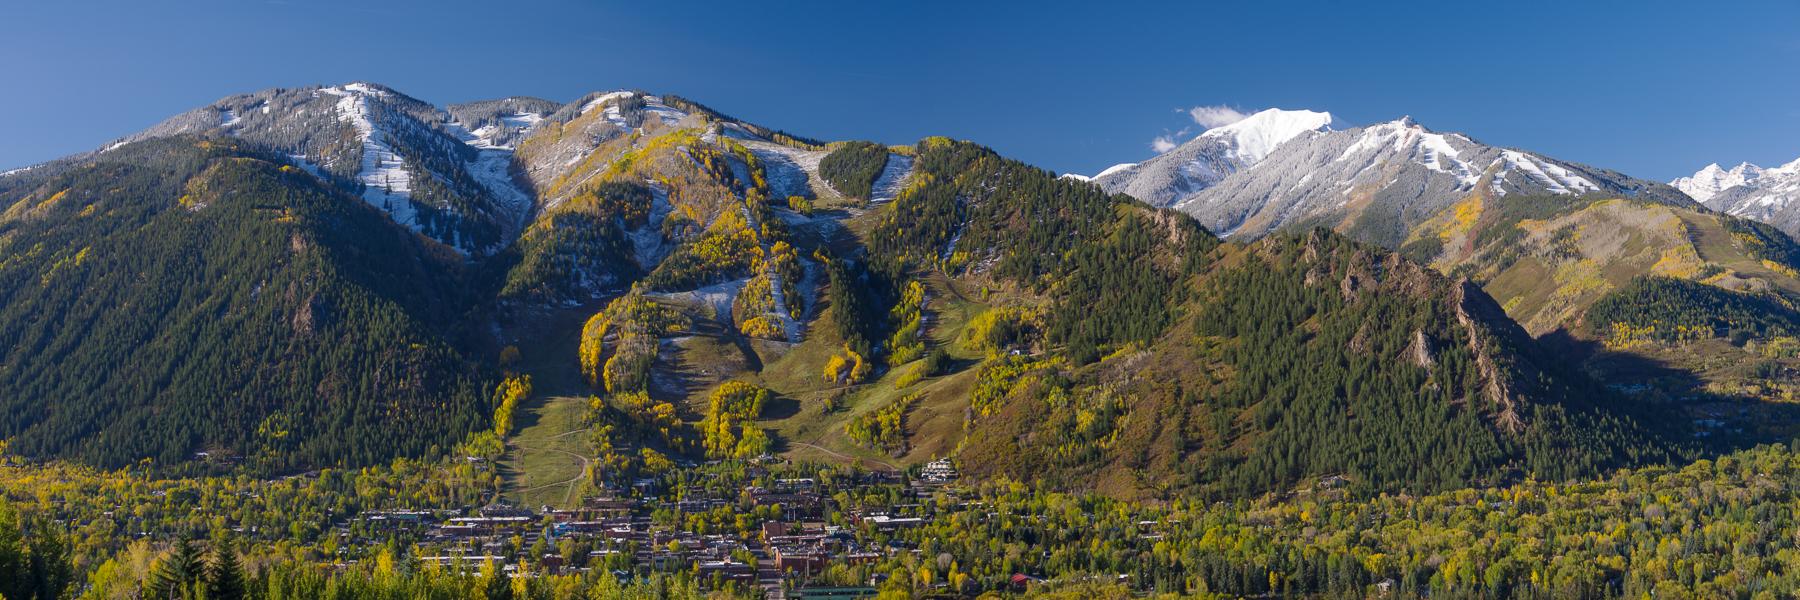 Aspen Panorama Series Fall